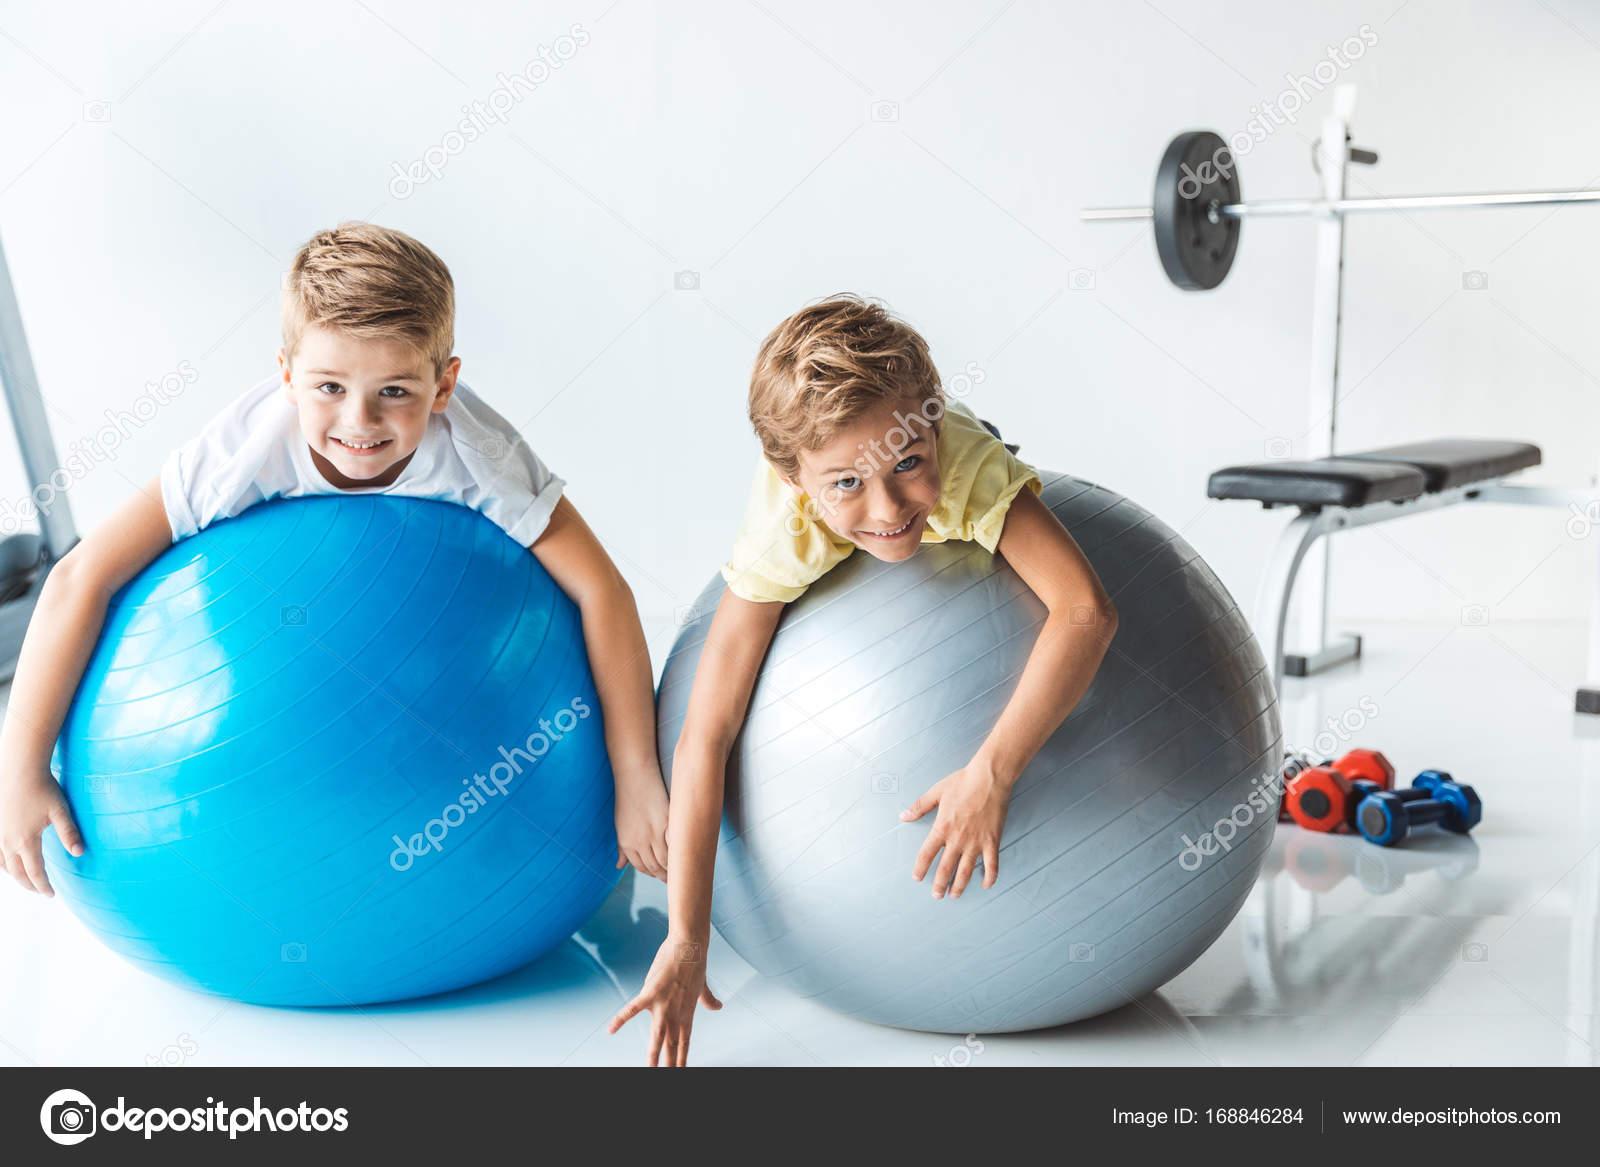 jongetjes op fitness ballen \u2014 stockfoto � sashakhalabuzar 168846284Fitness Ballen #17